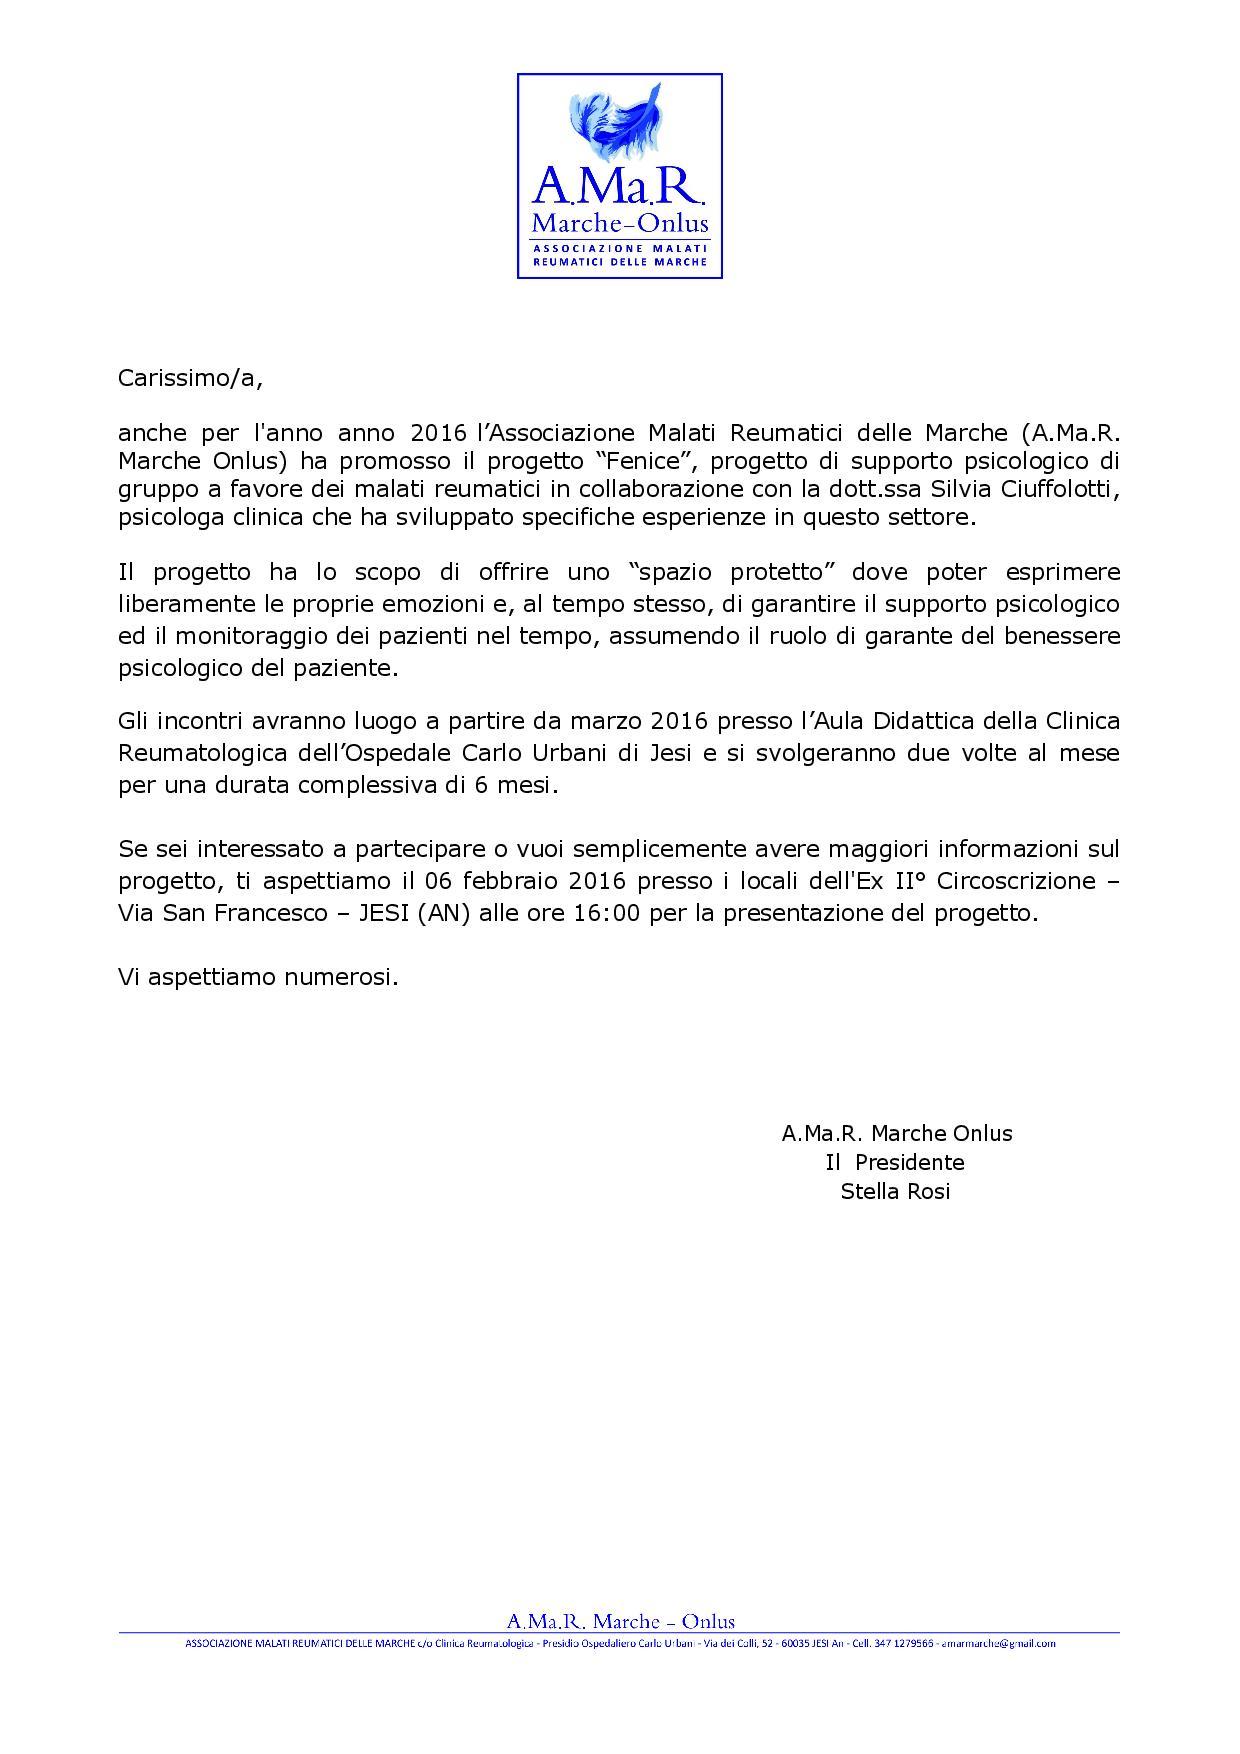 INVITO_PROGETTO_FENICE_1-page-001.jpg